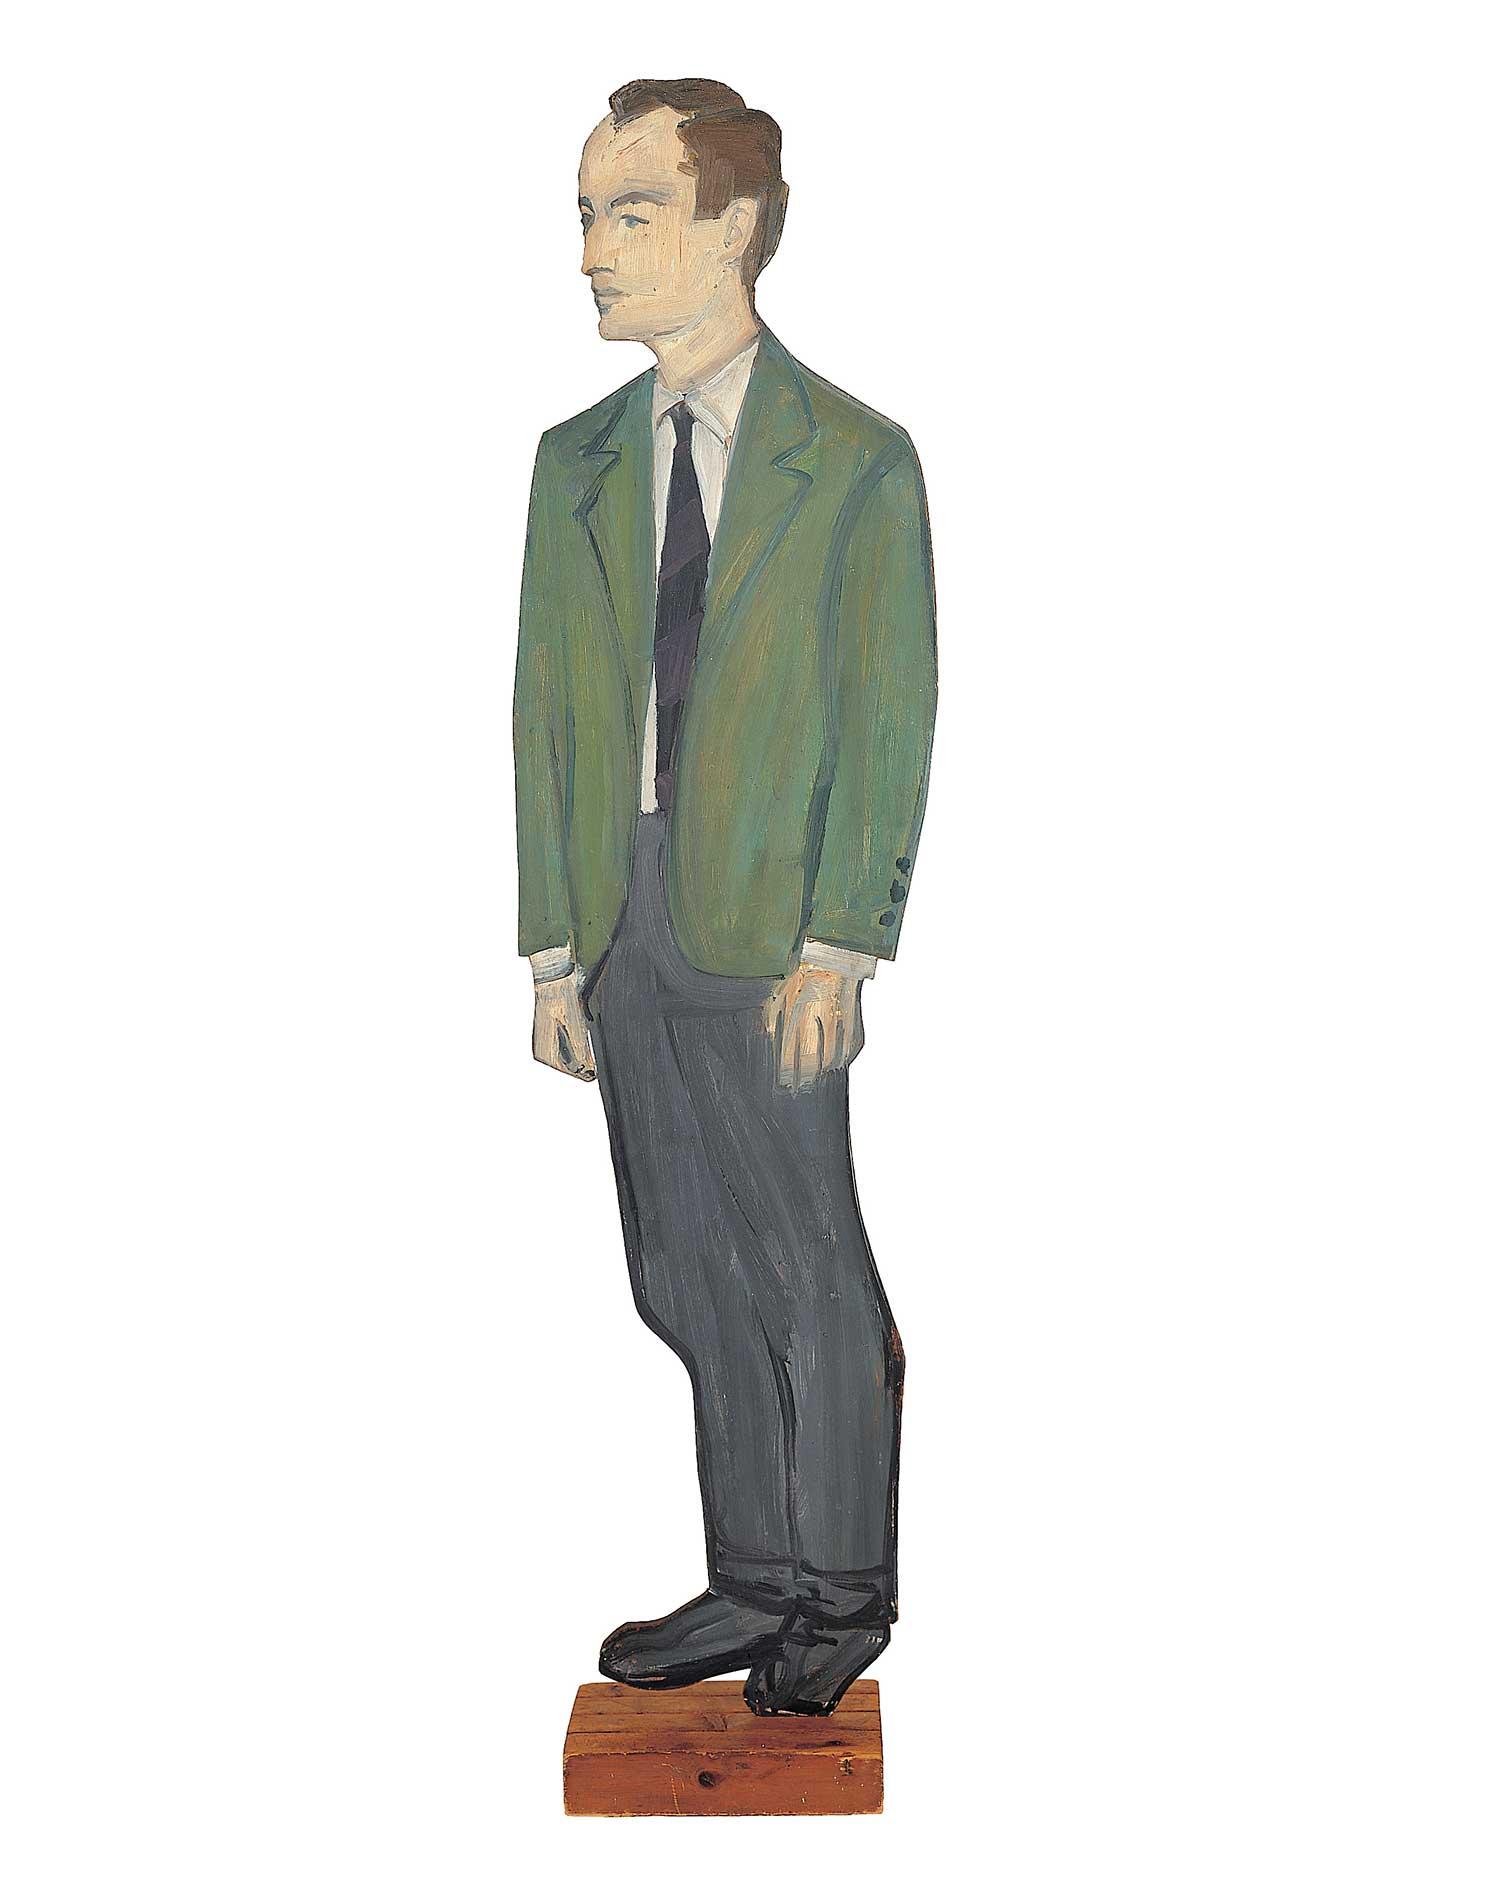 Alex Katz, Frank O'Hara, 1959–60. Private collection.